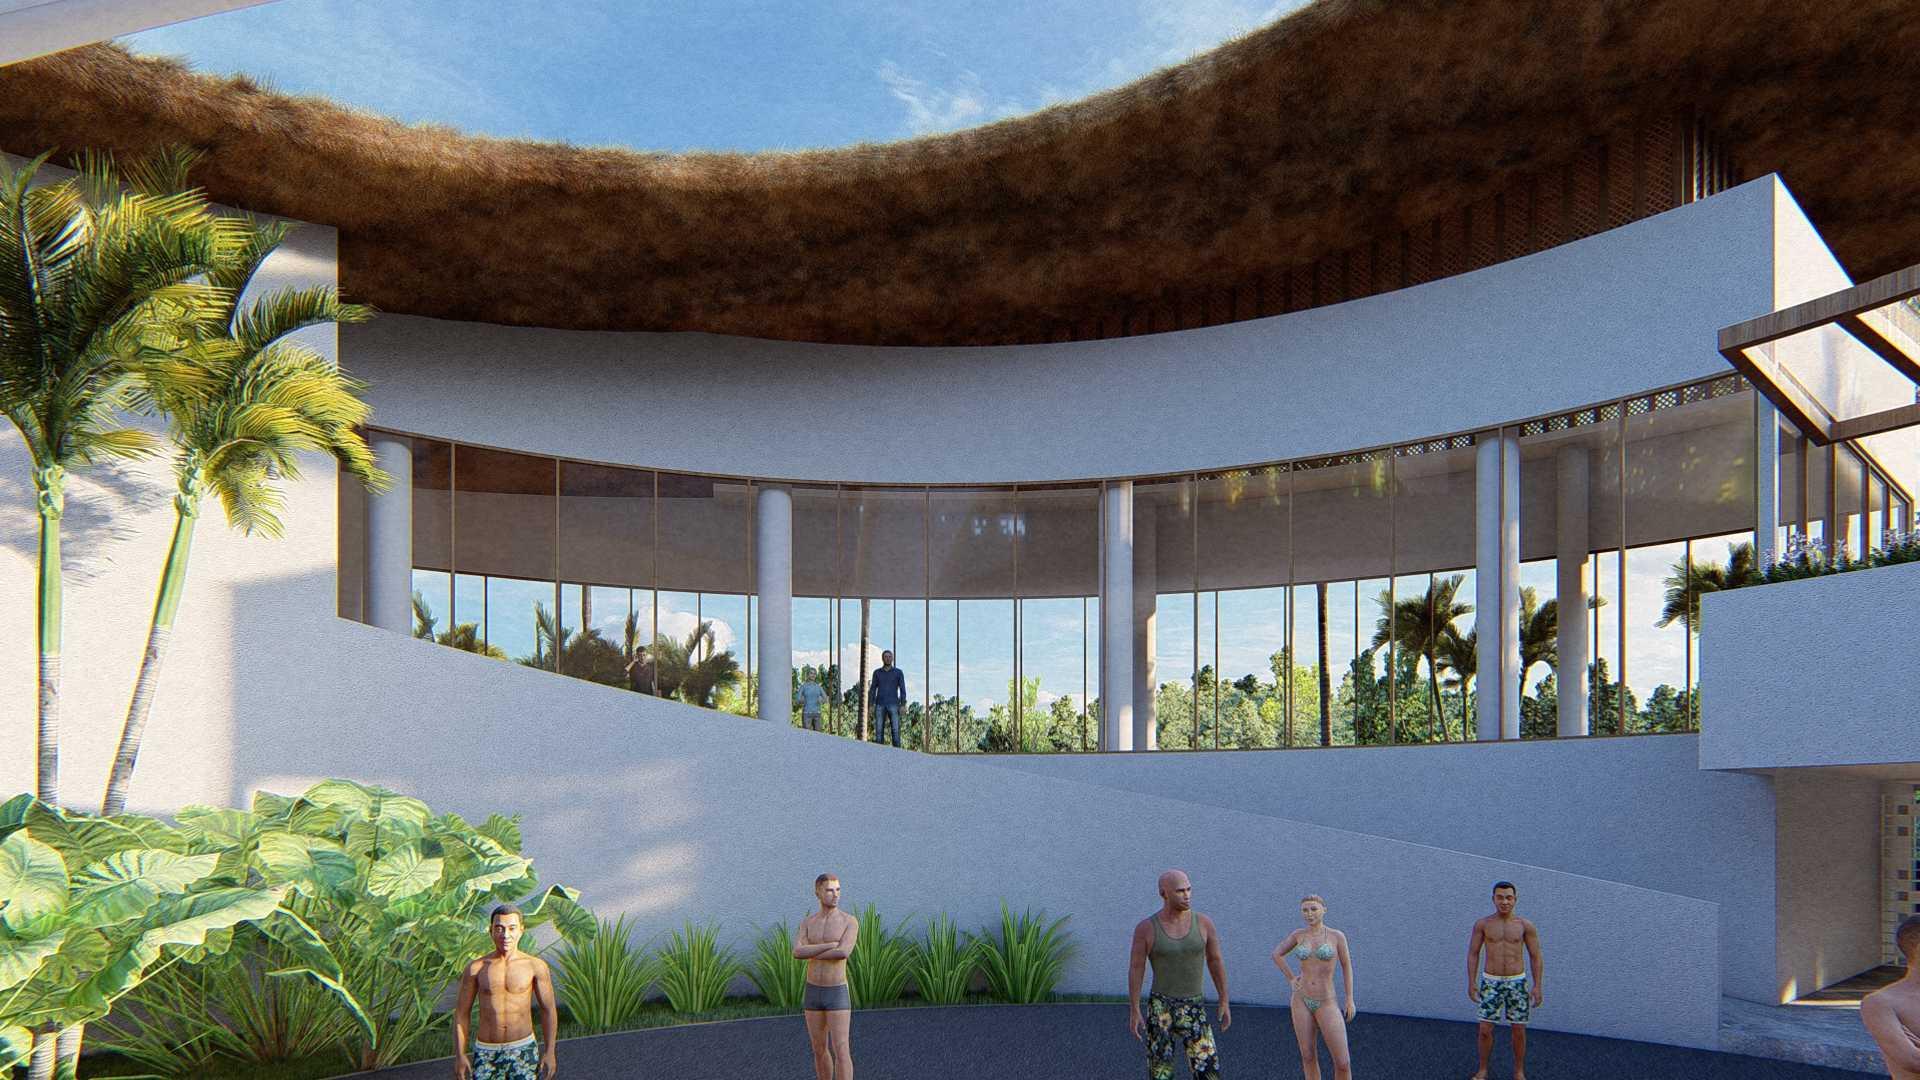 Jasa Kontraktor Raaj Gill Arsitek di Bali